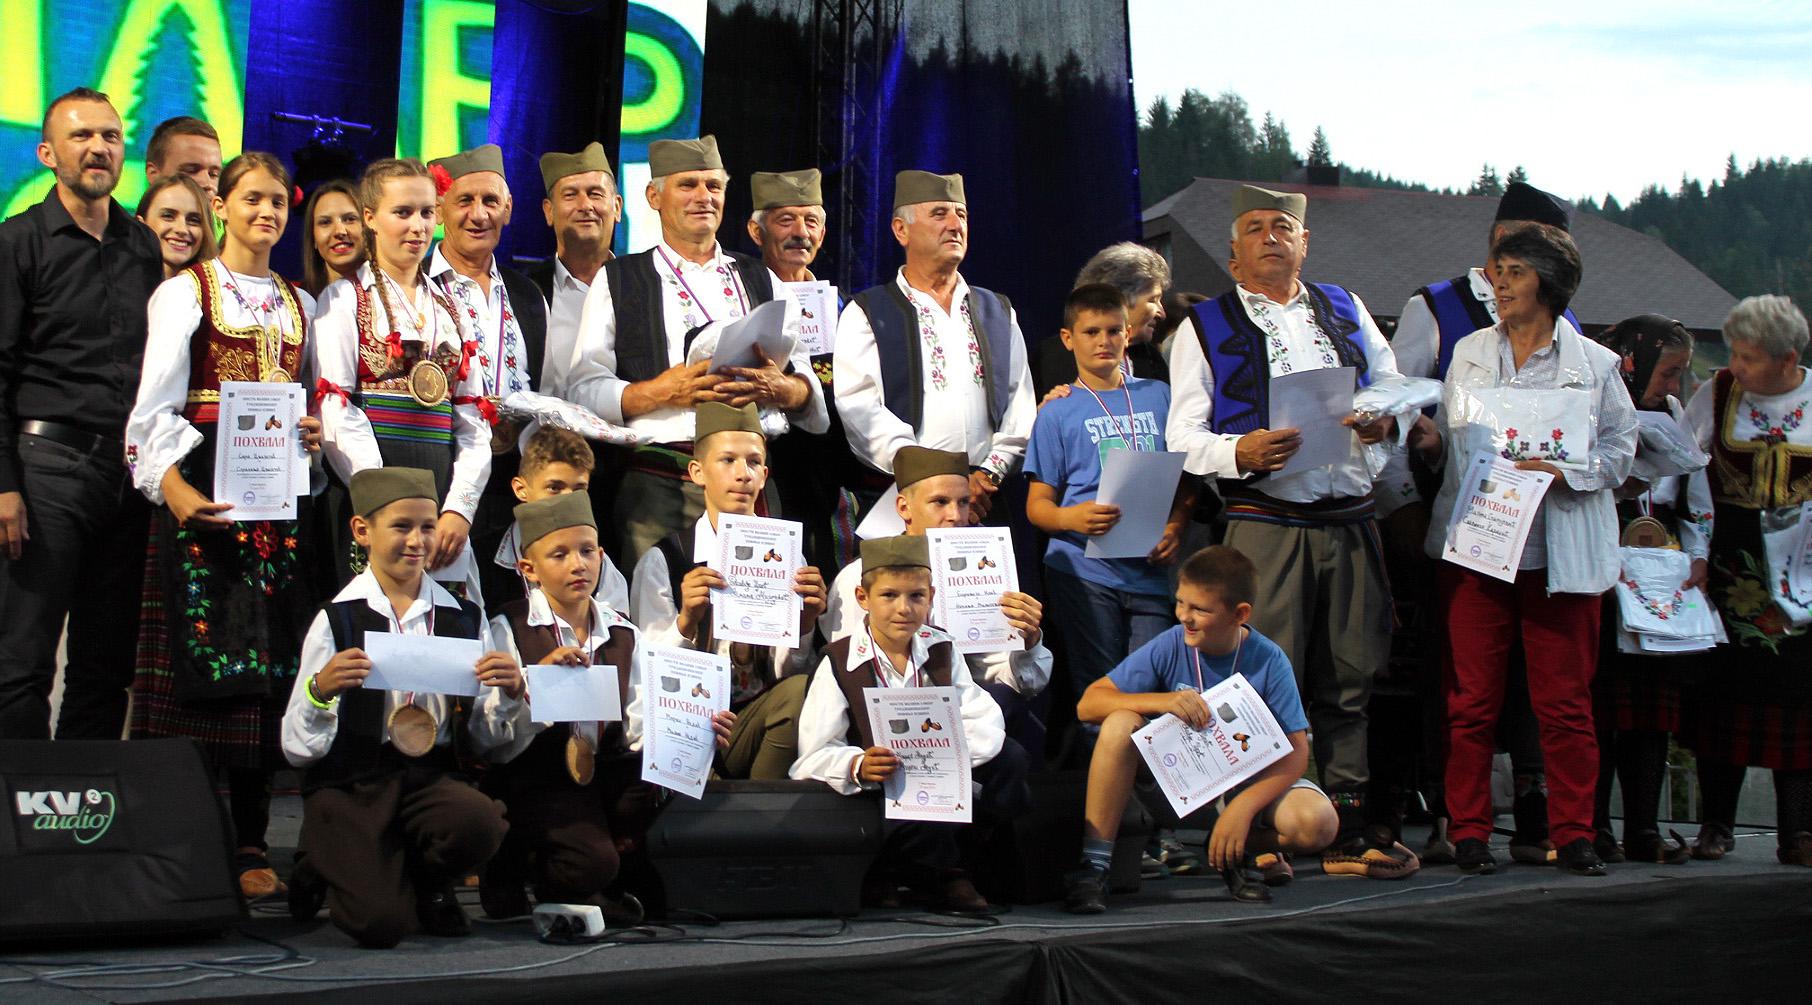 Аплаузи и награде - најуспешнији такмичари Шестог сабора Шести сабор певања извика - ЗлатарФест 2016